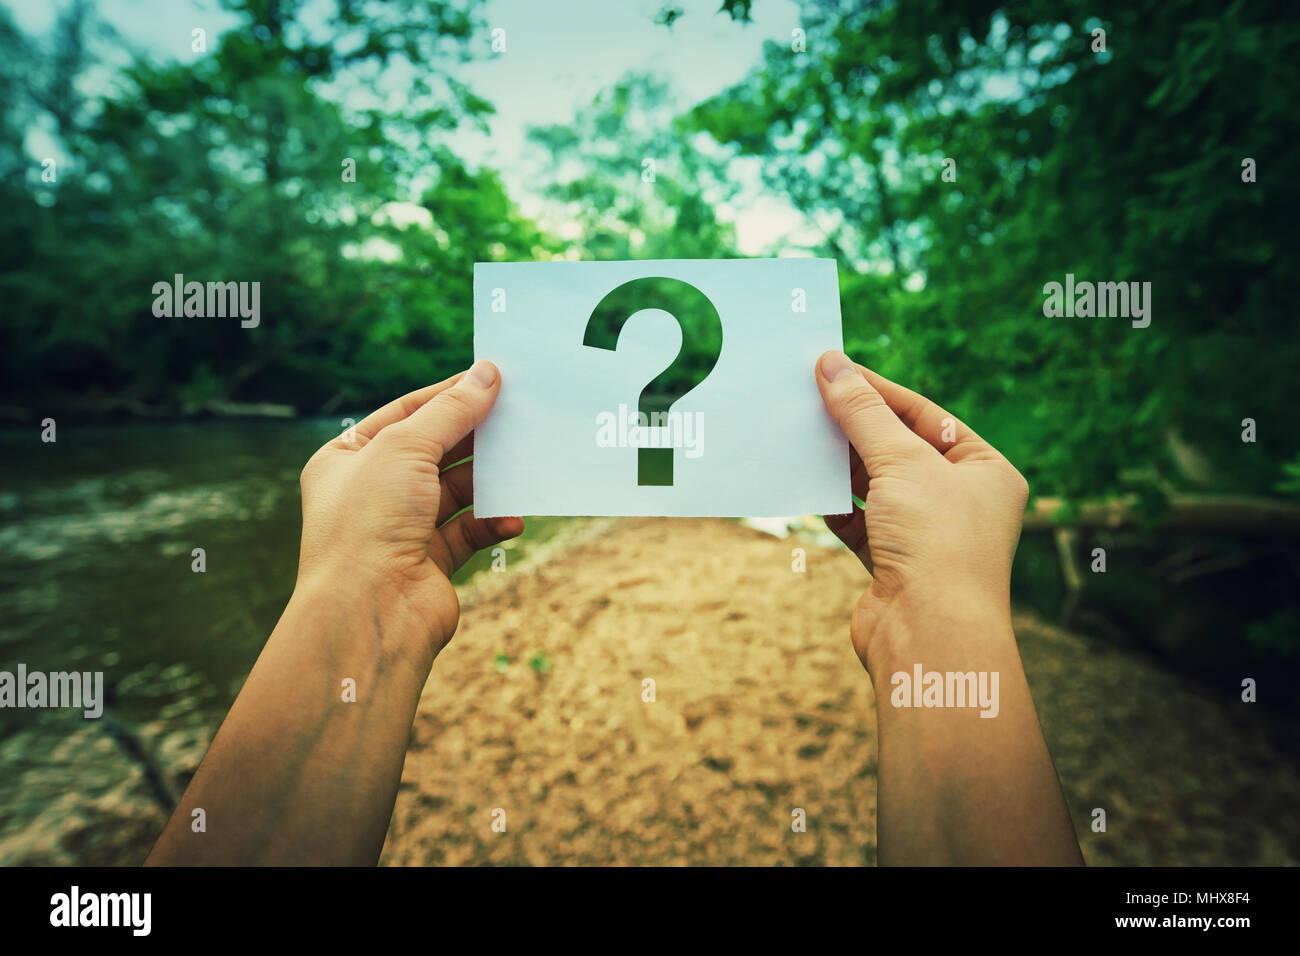 Nahaufnahme von Frau Hände halten ein Blatt Papier mit dem Fragezeichen im Inneren, über grüne Wald Natur Hintergrund. Verlorene Menschen Konzept, globale environm Stockbild